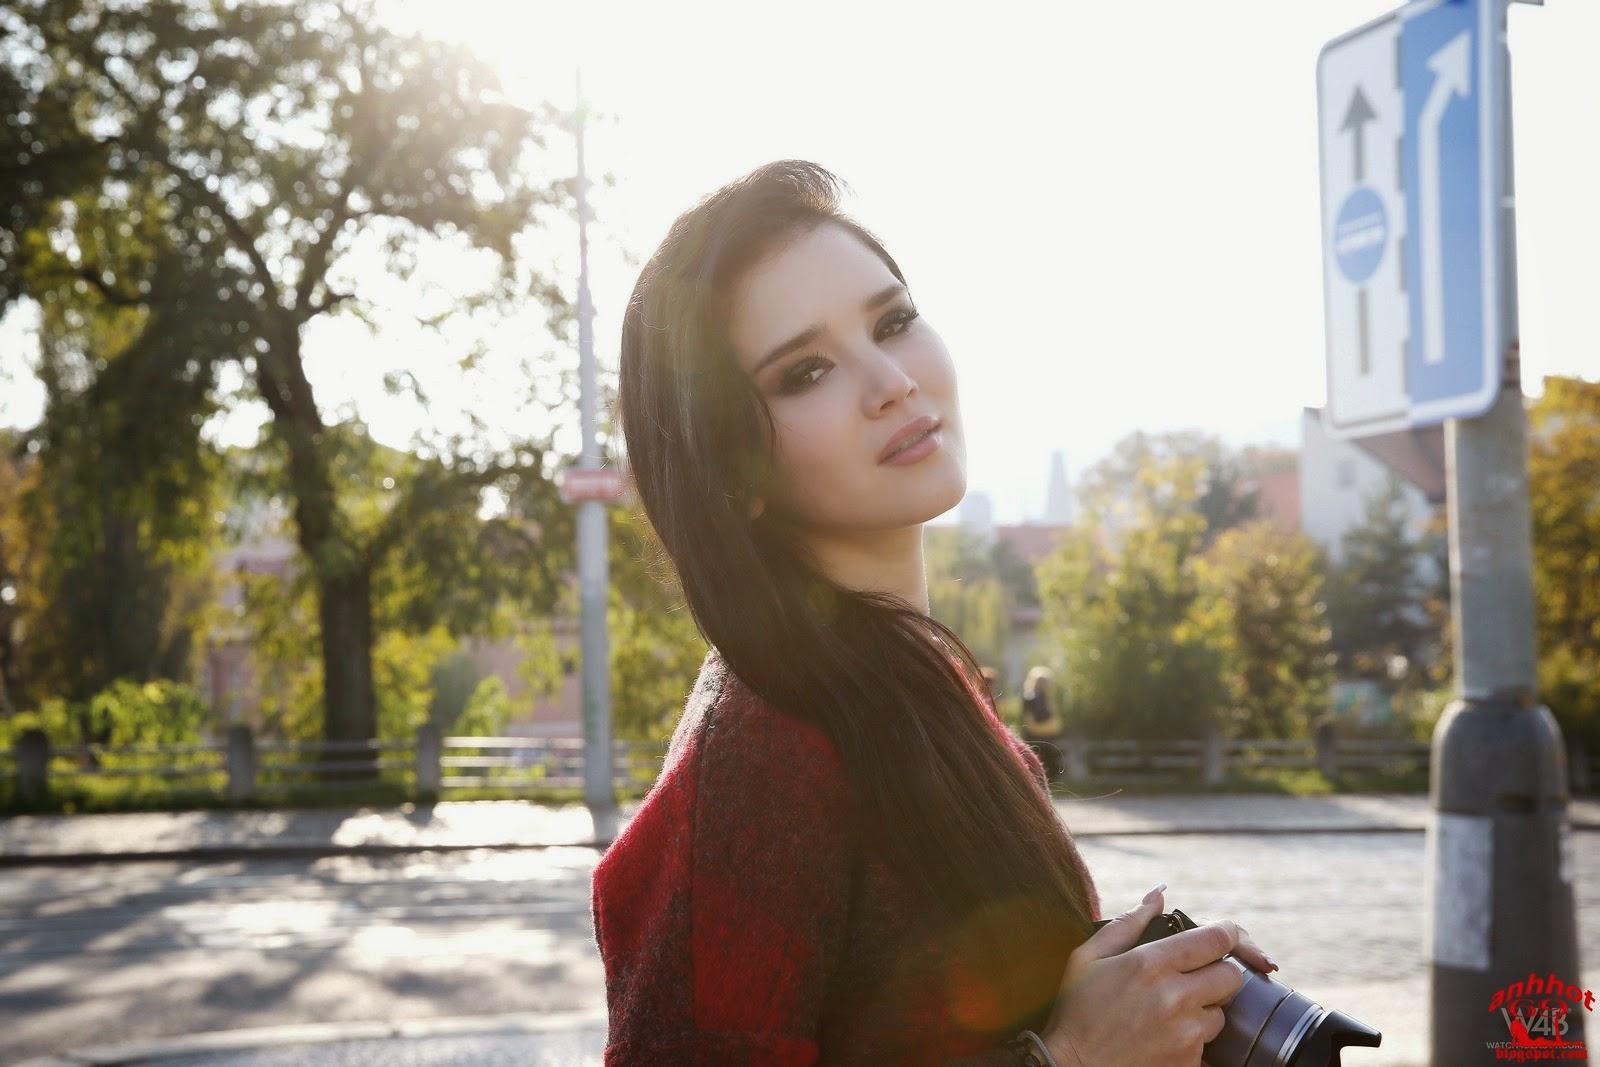 Watch4Beauty-Sunny Malena-141120 [9]